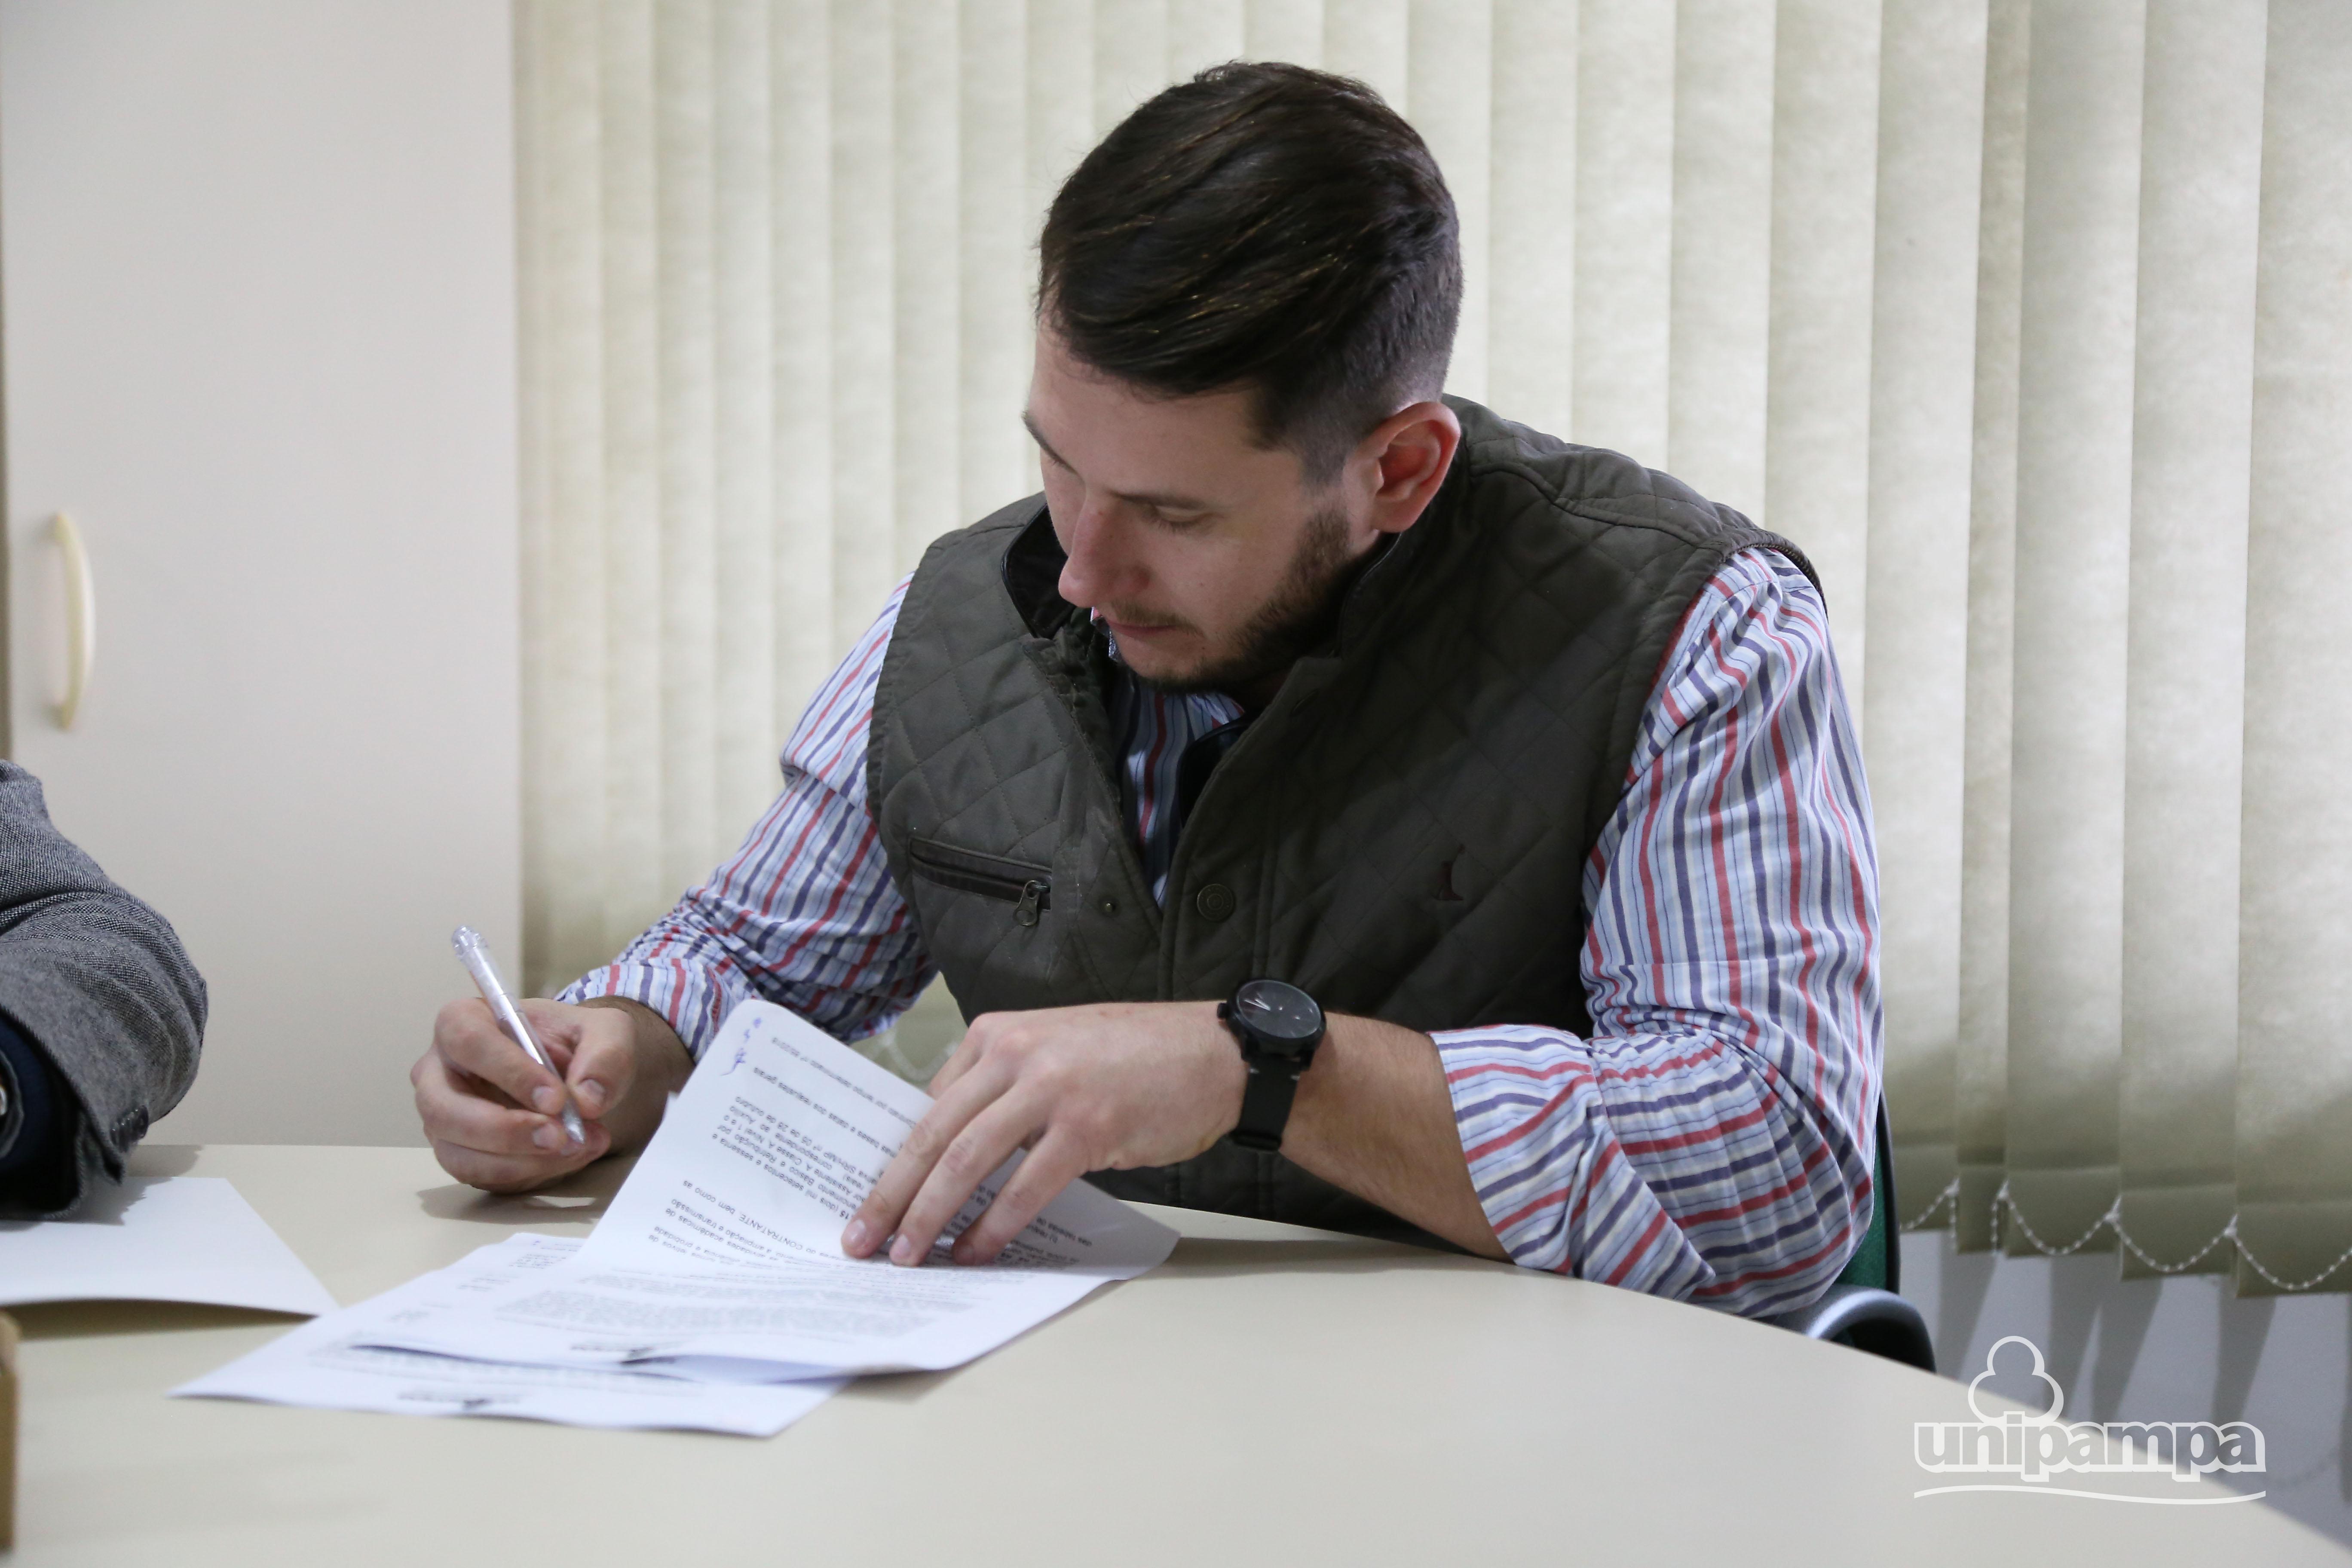 Professores substitutos formalizam assinatura de contratos - Foto: Ronaldo Estevam/Unipampa